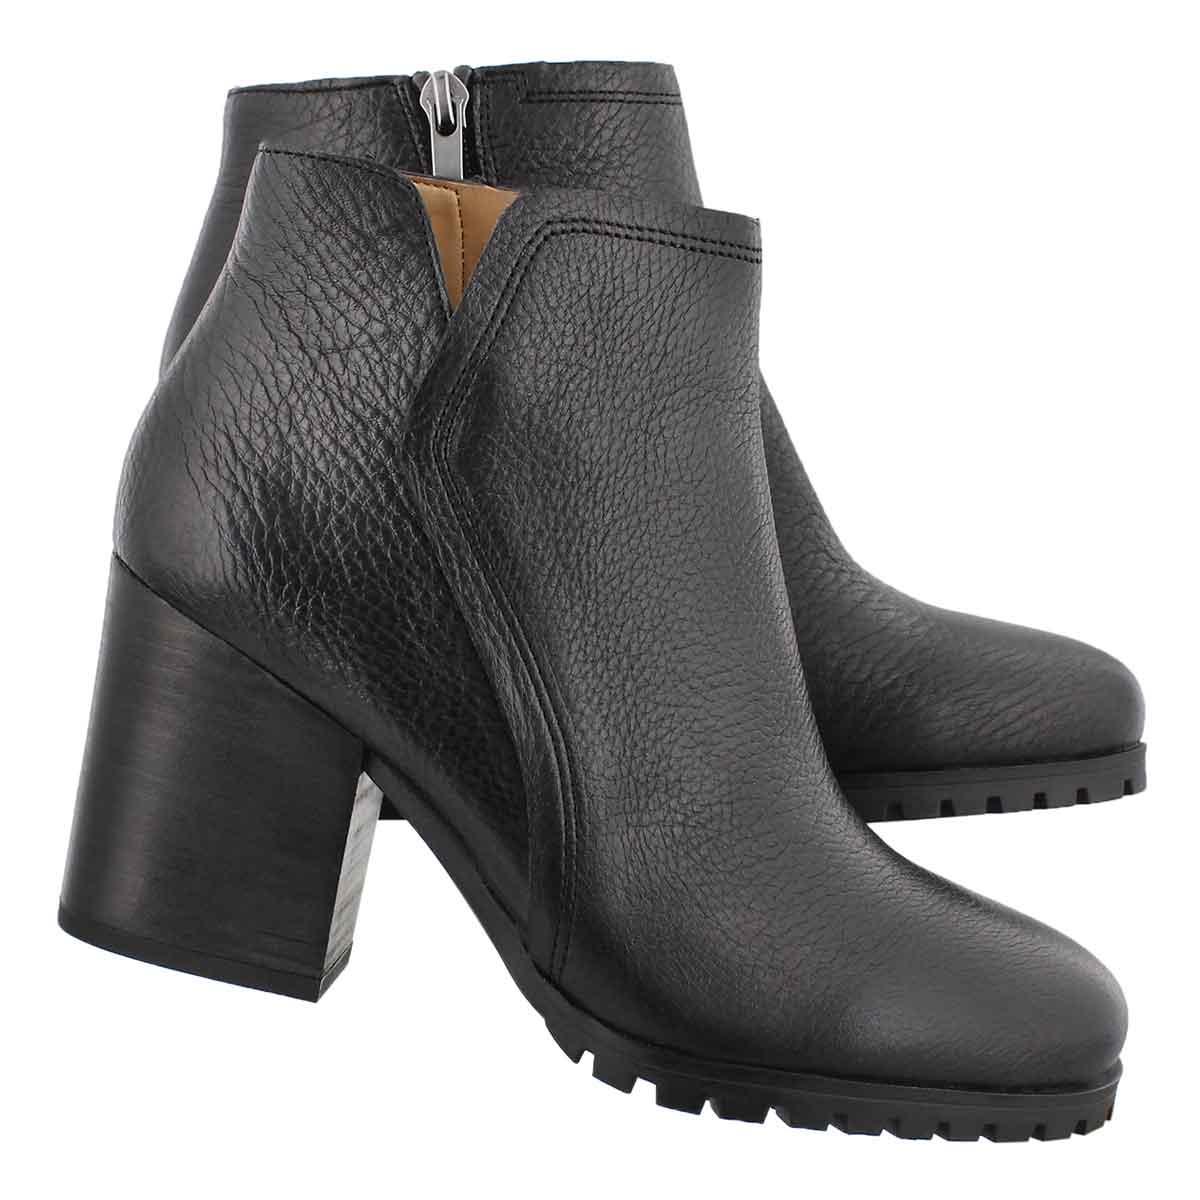 Lds Maysen black slip on bootie